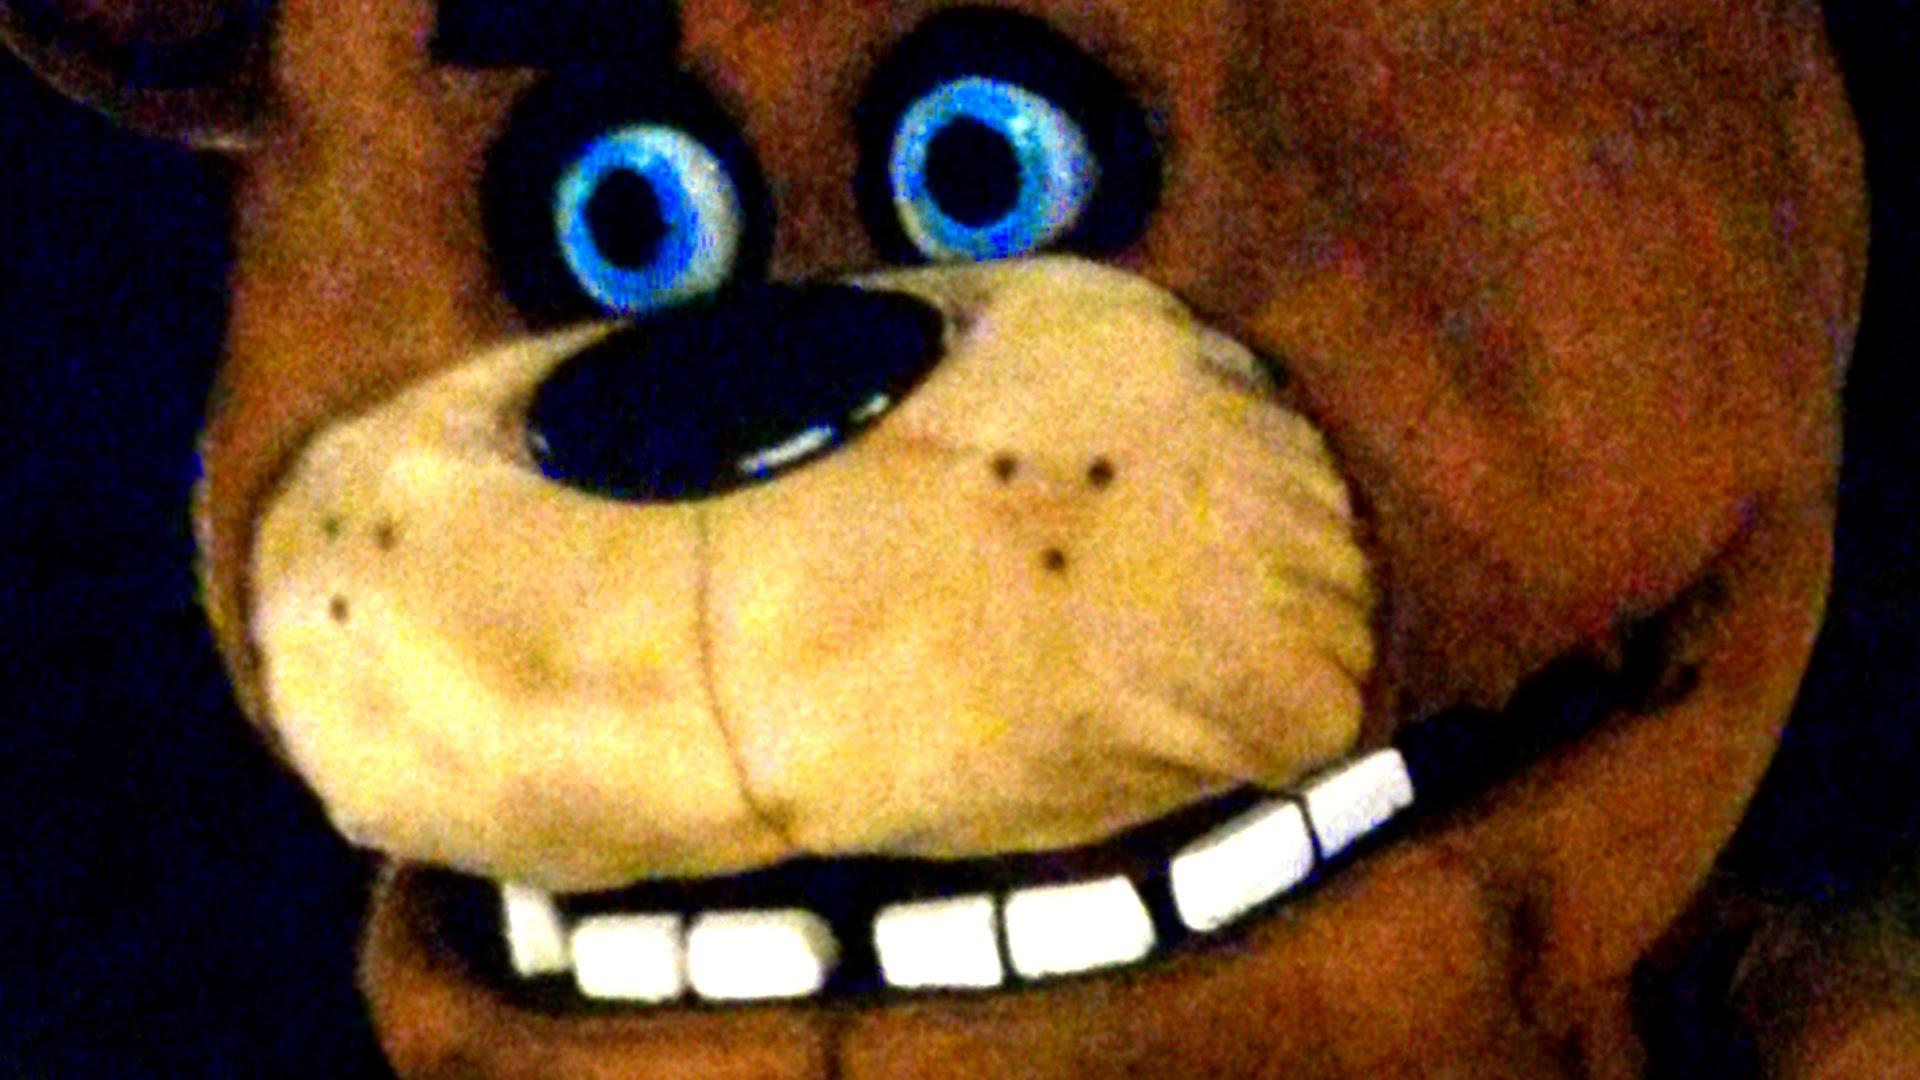 Cute Freddy Fazbear